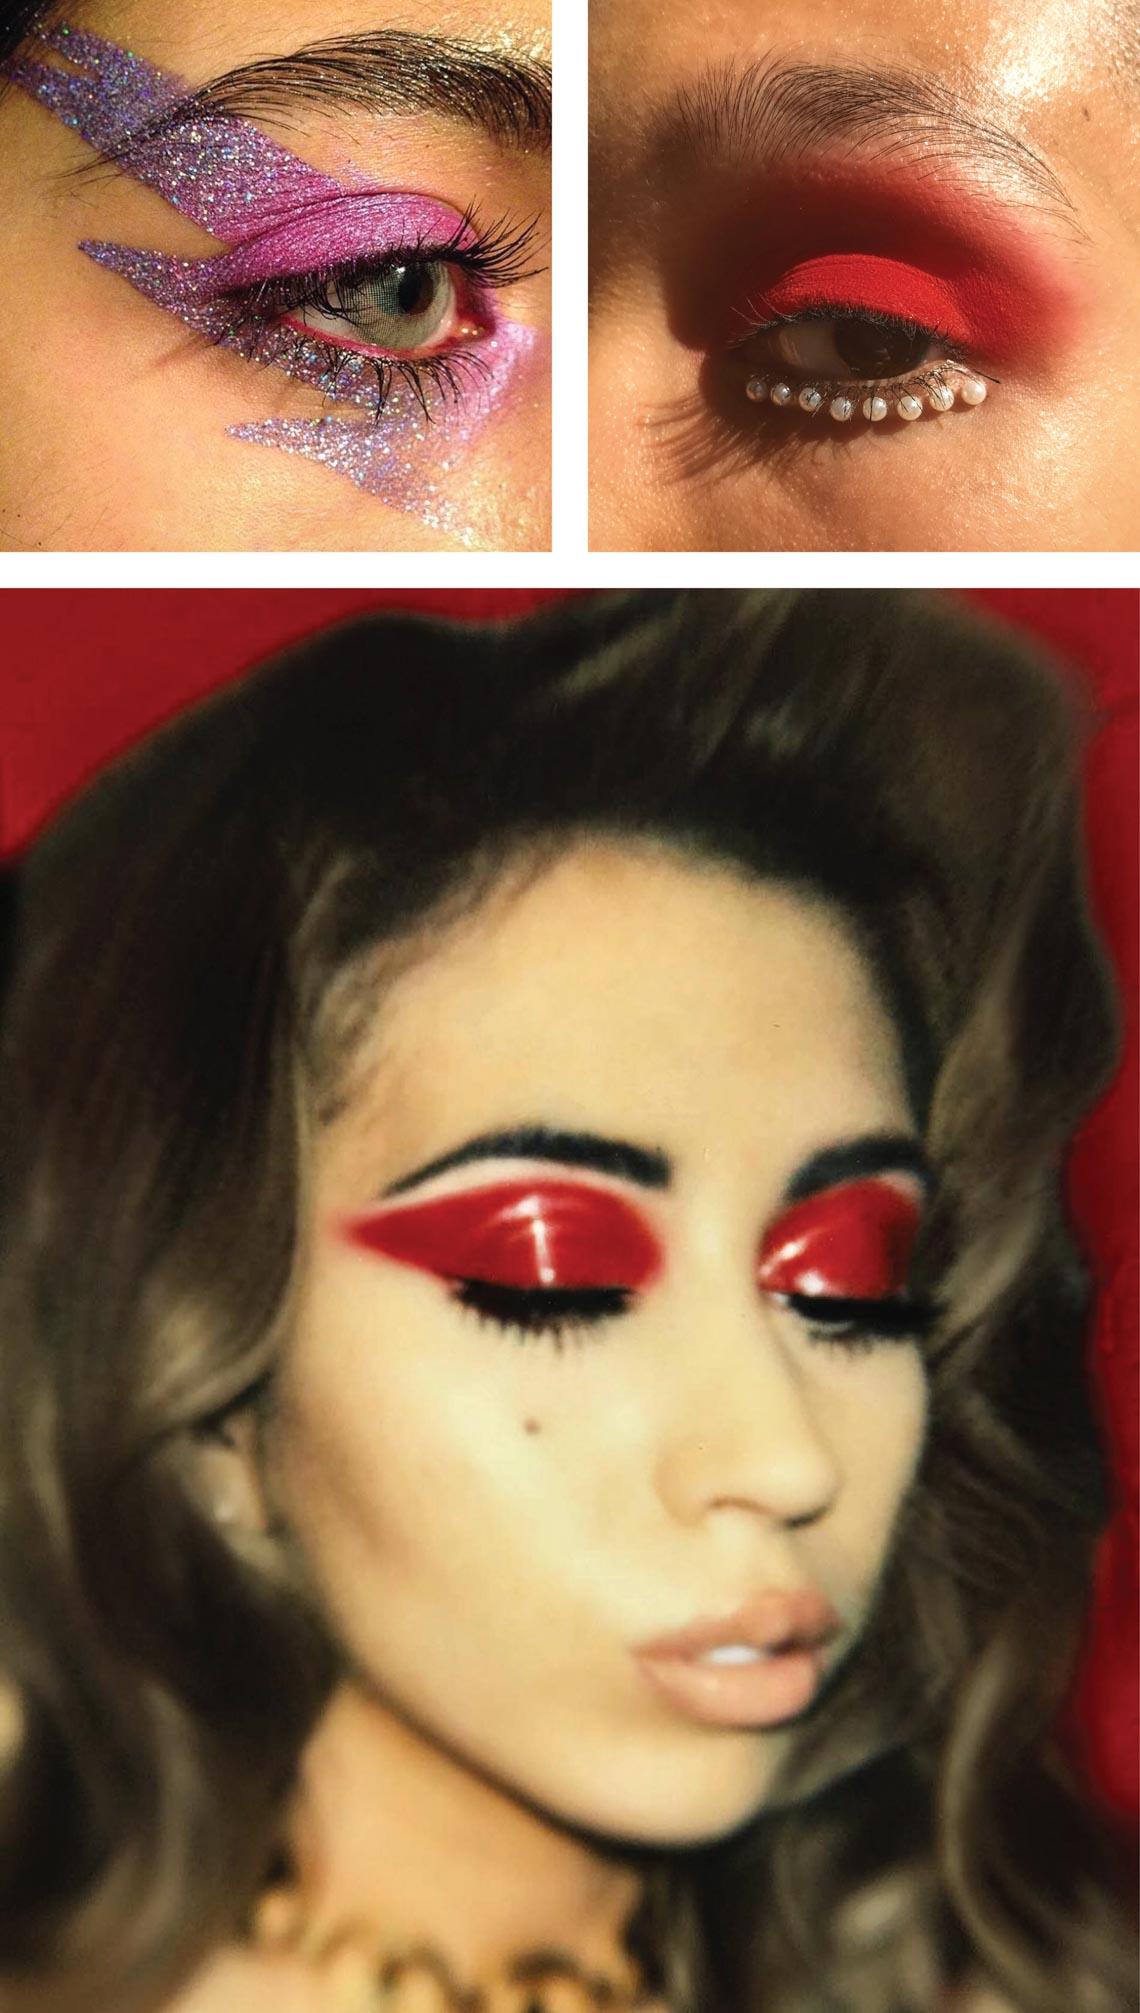 Những nghệ sĩ makeup trên Instagram định nghĩa lại cái đẹp - 6